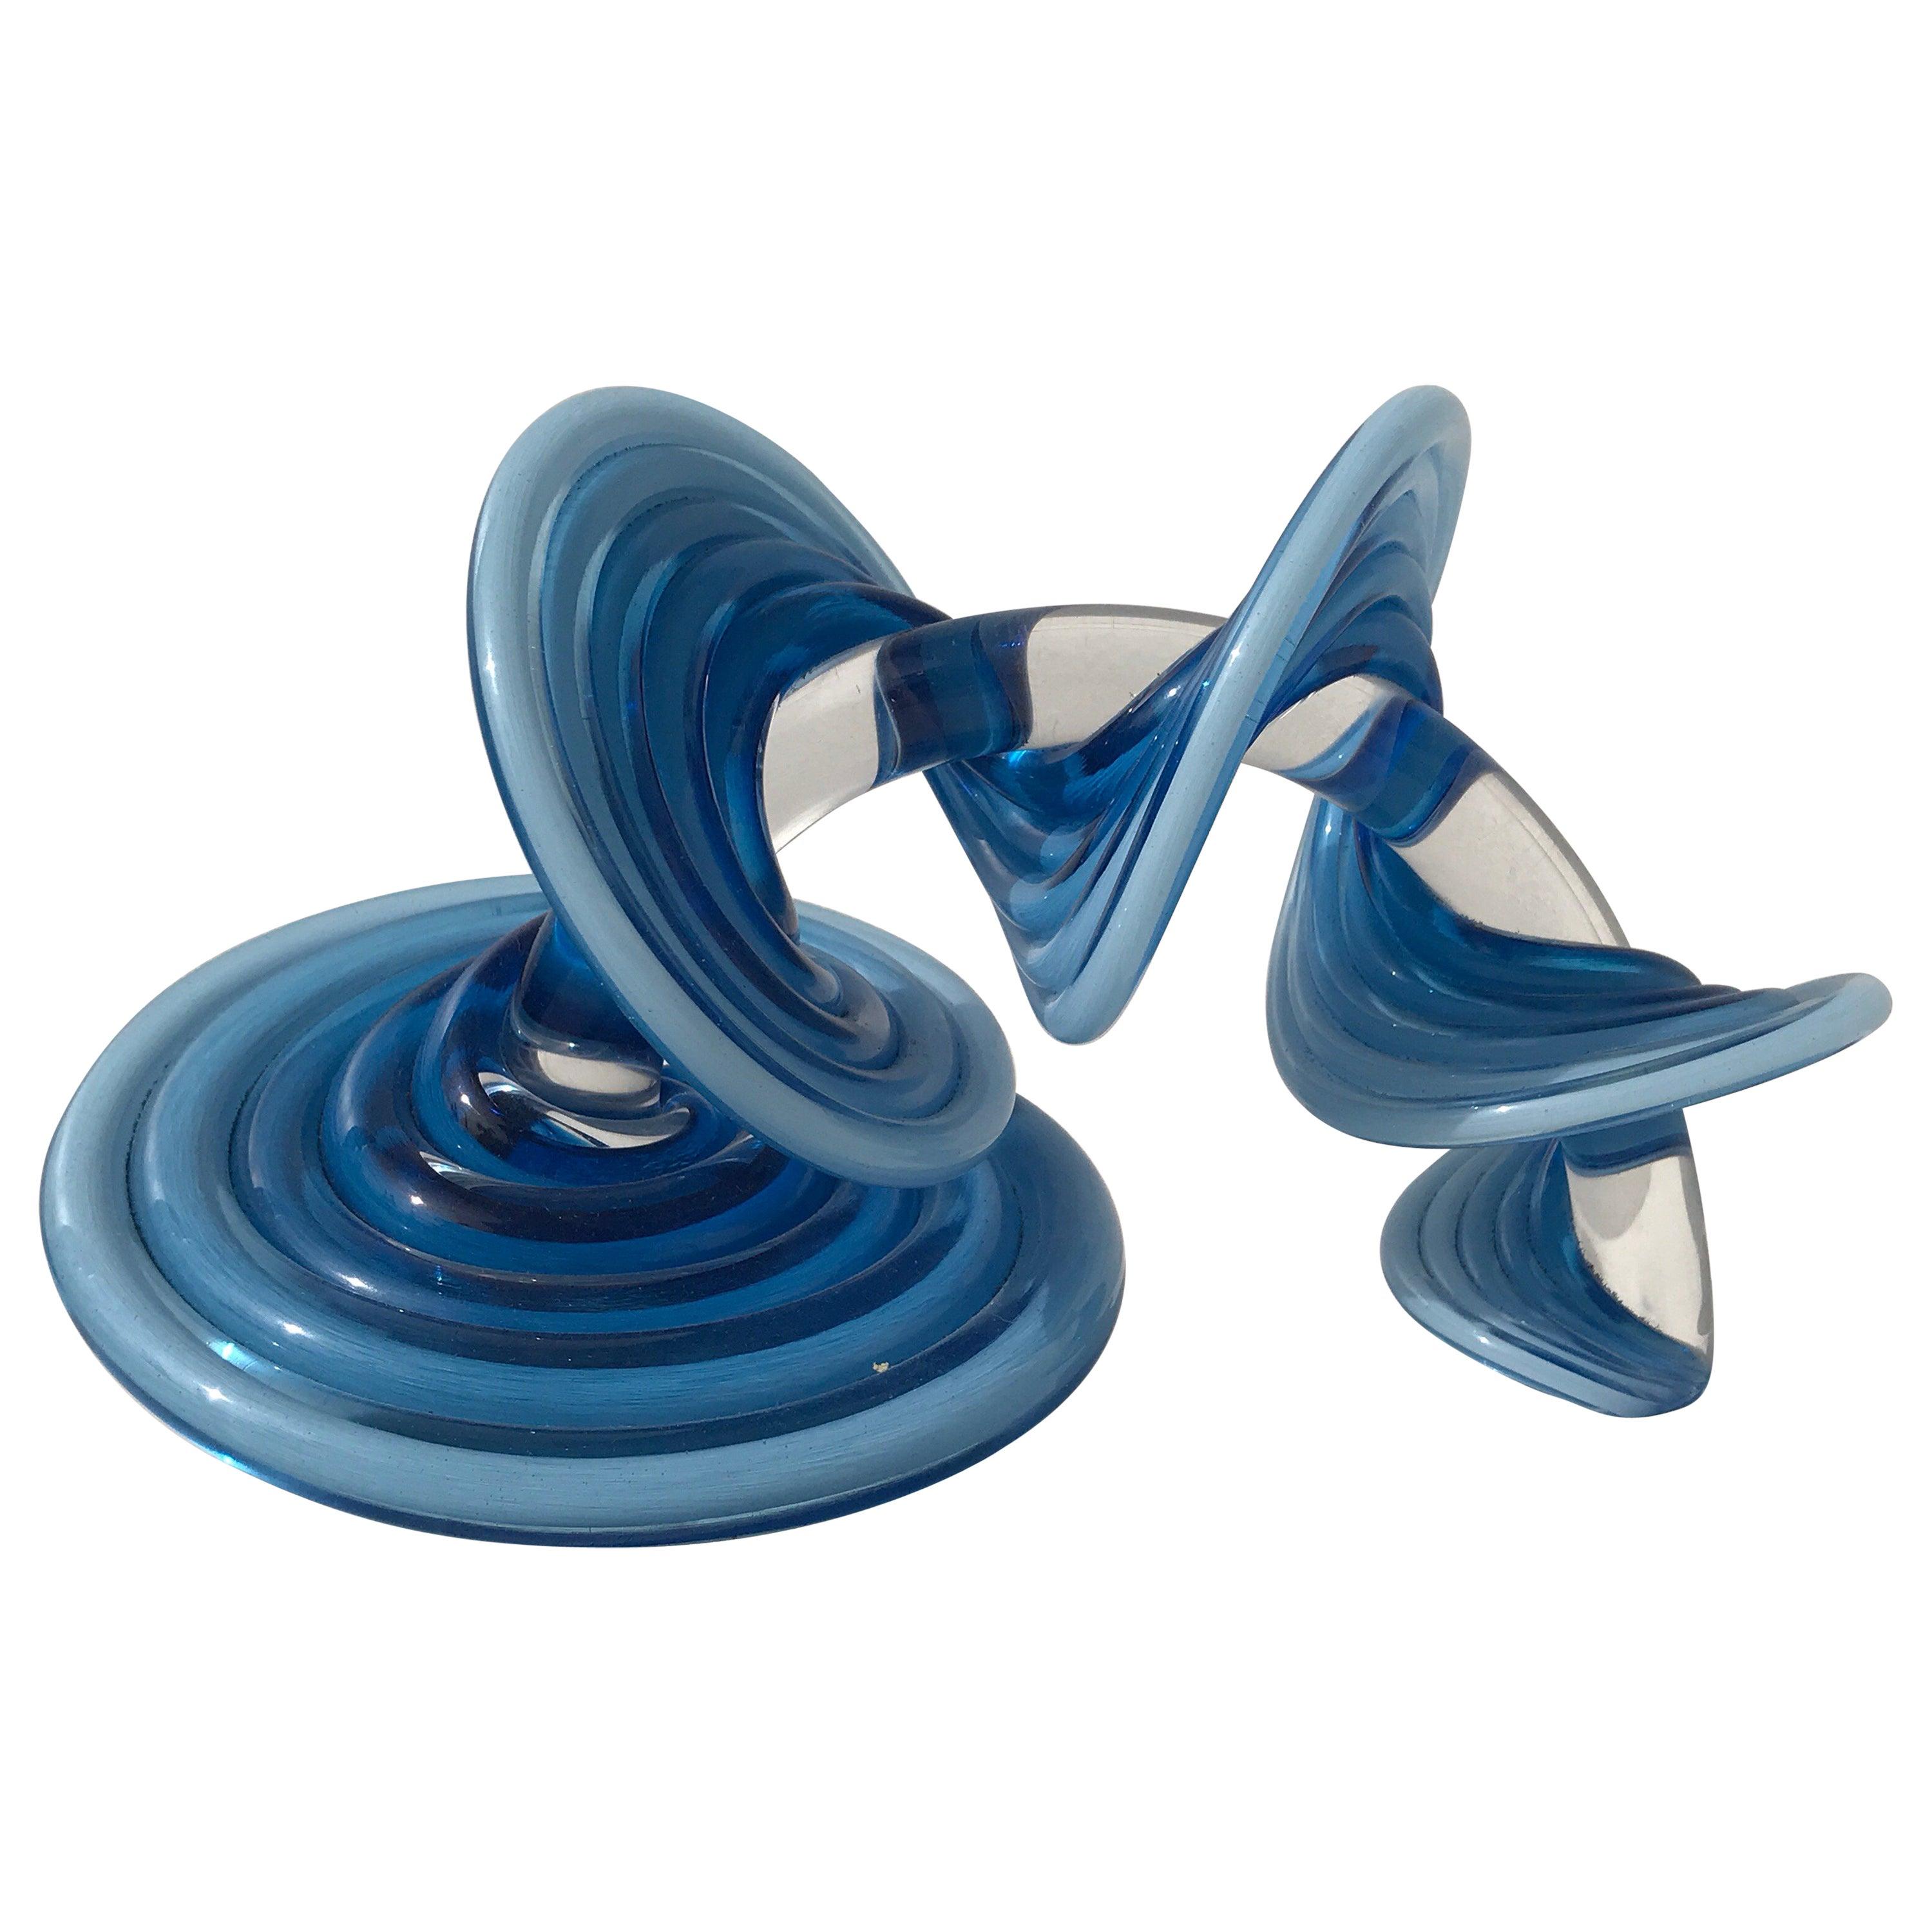 Vitrix Hot Glass Studio Sculpture